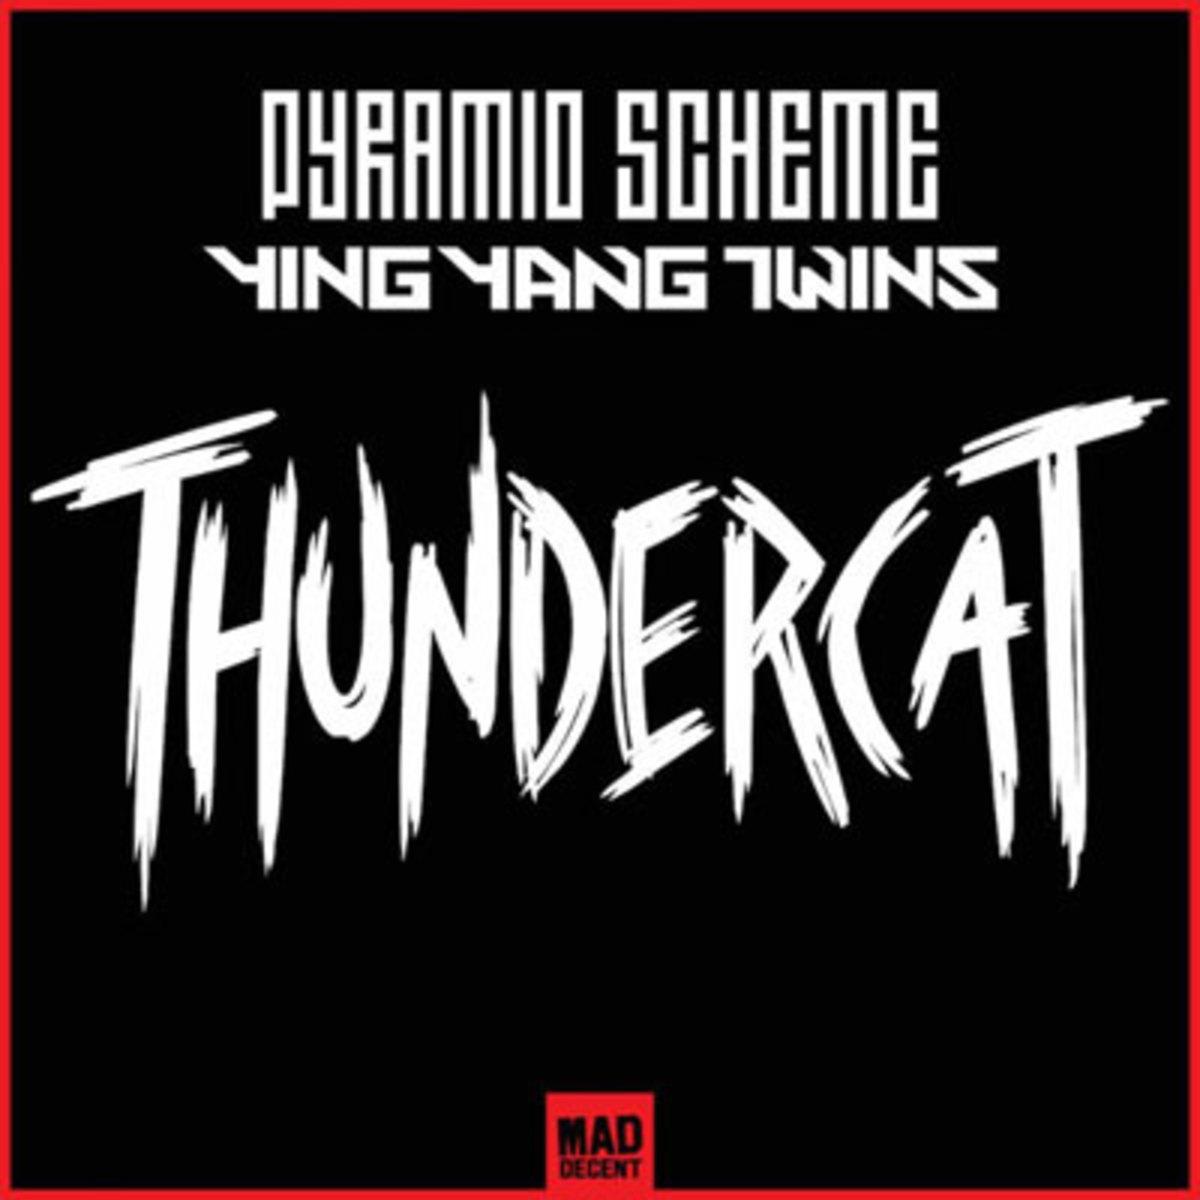 pyramid-scheme-thundercat.jpg